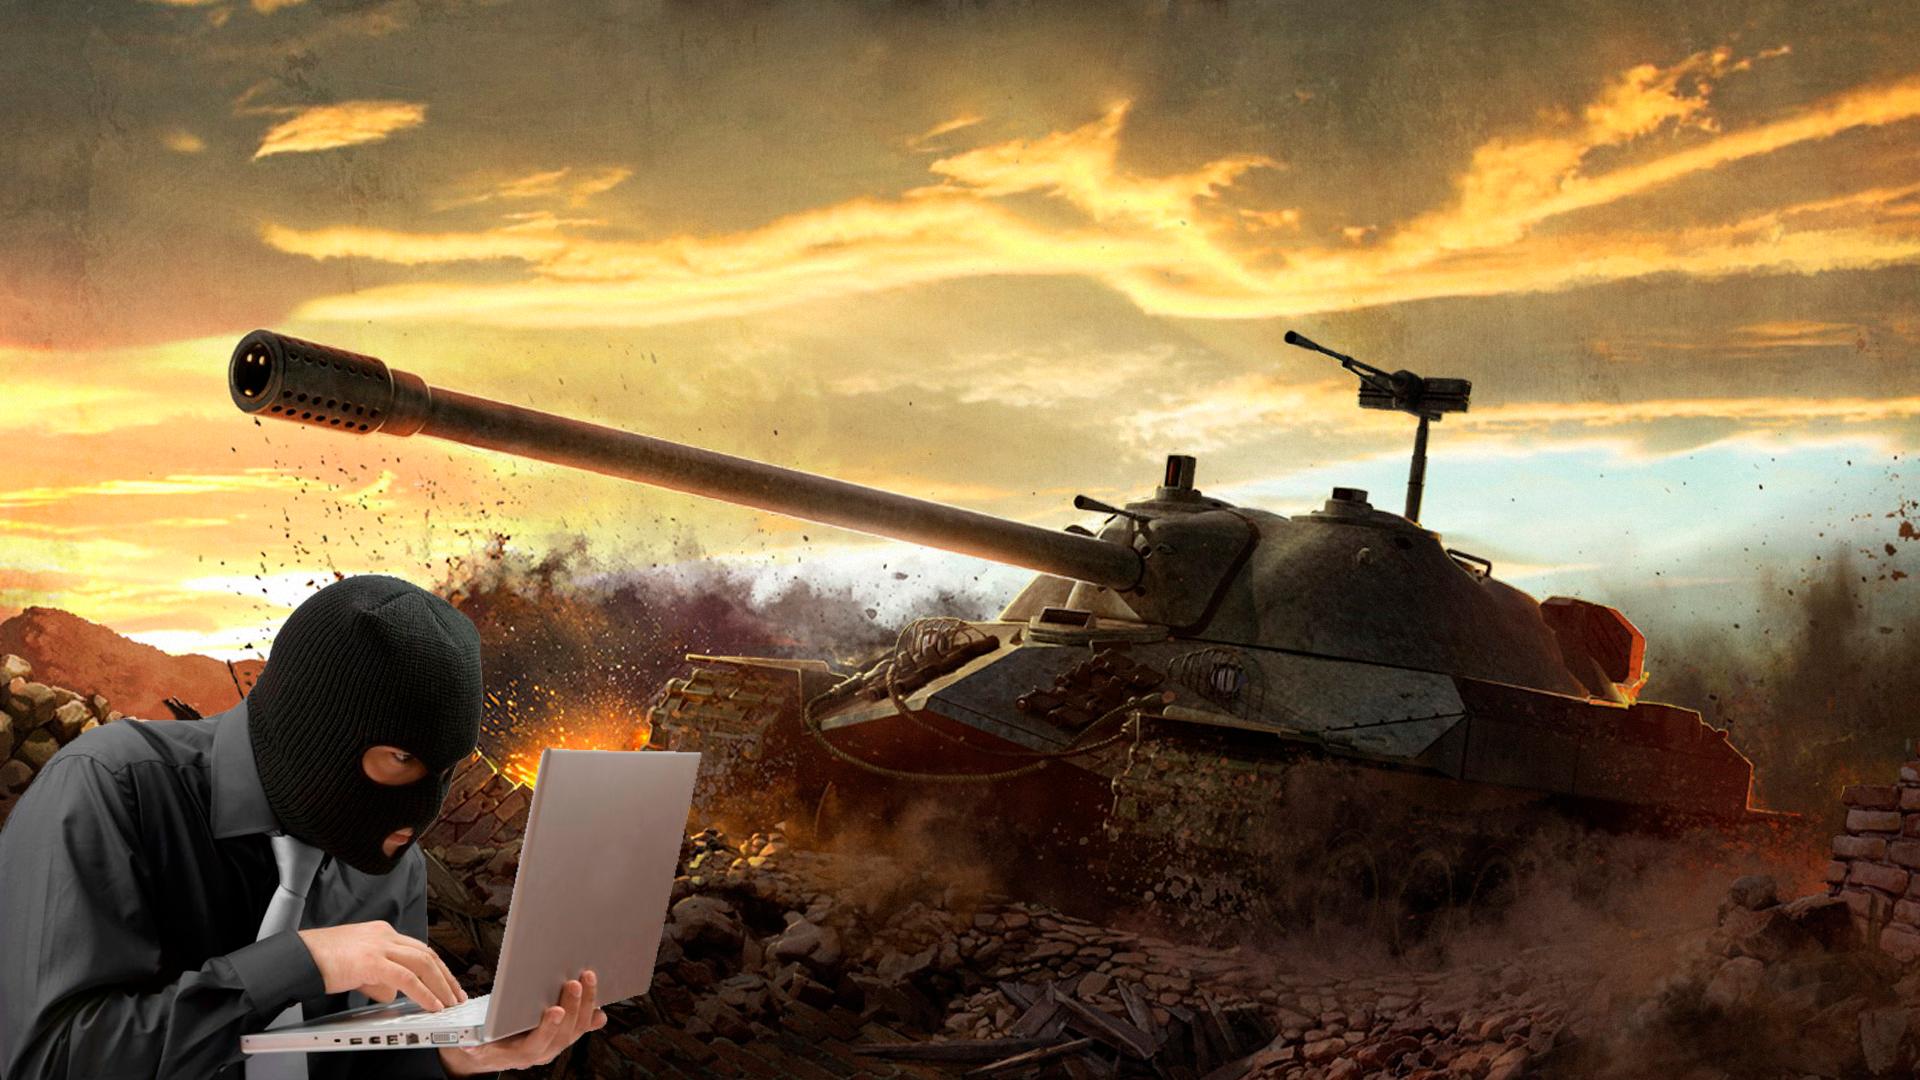 Сайт на котором можно заработать деньги для танков онлайн торги рубль доллар на форекс онлайн